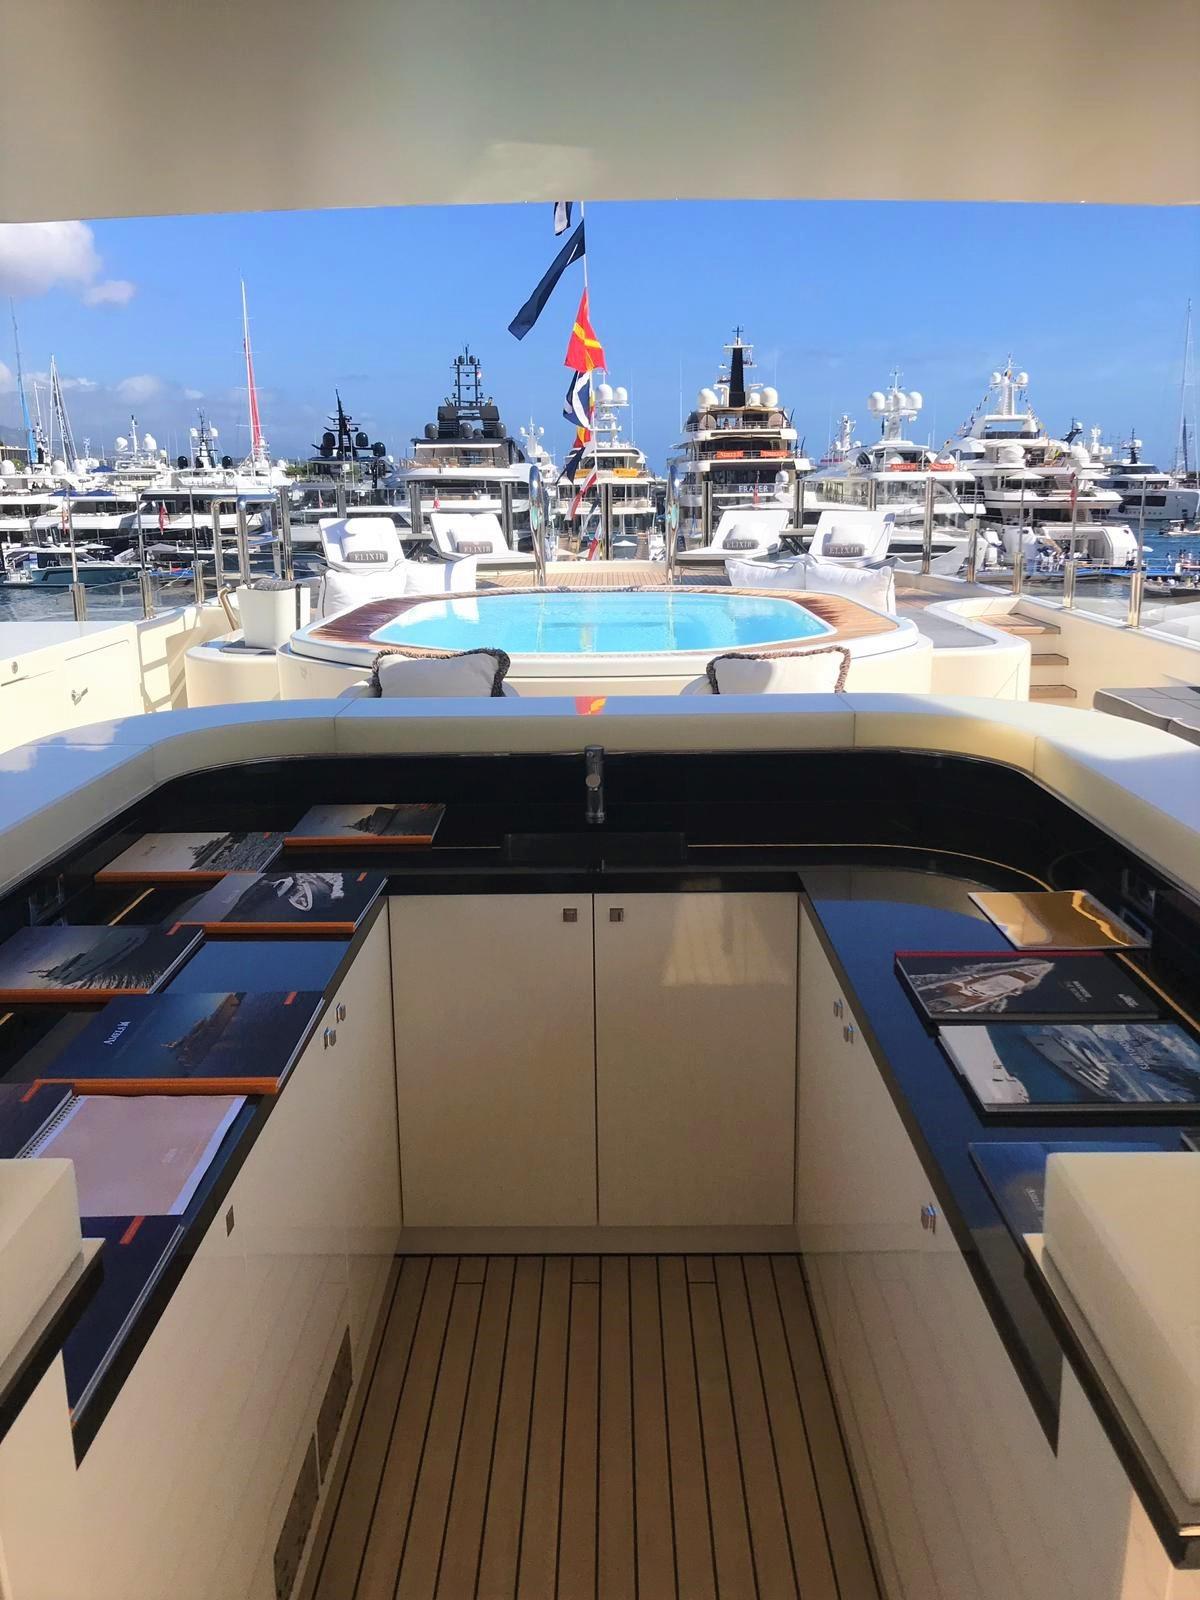 Deck Jacuzzi at Monaco Yacht Show